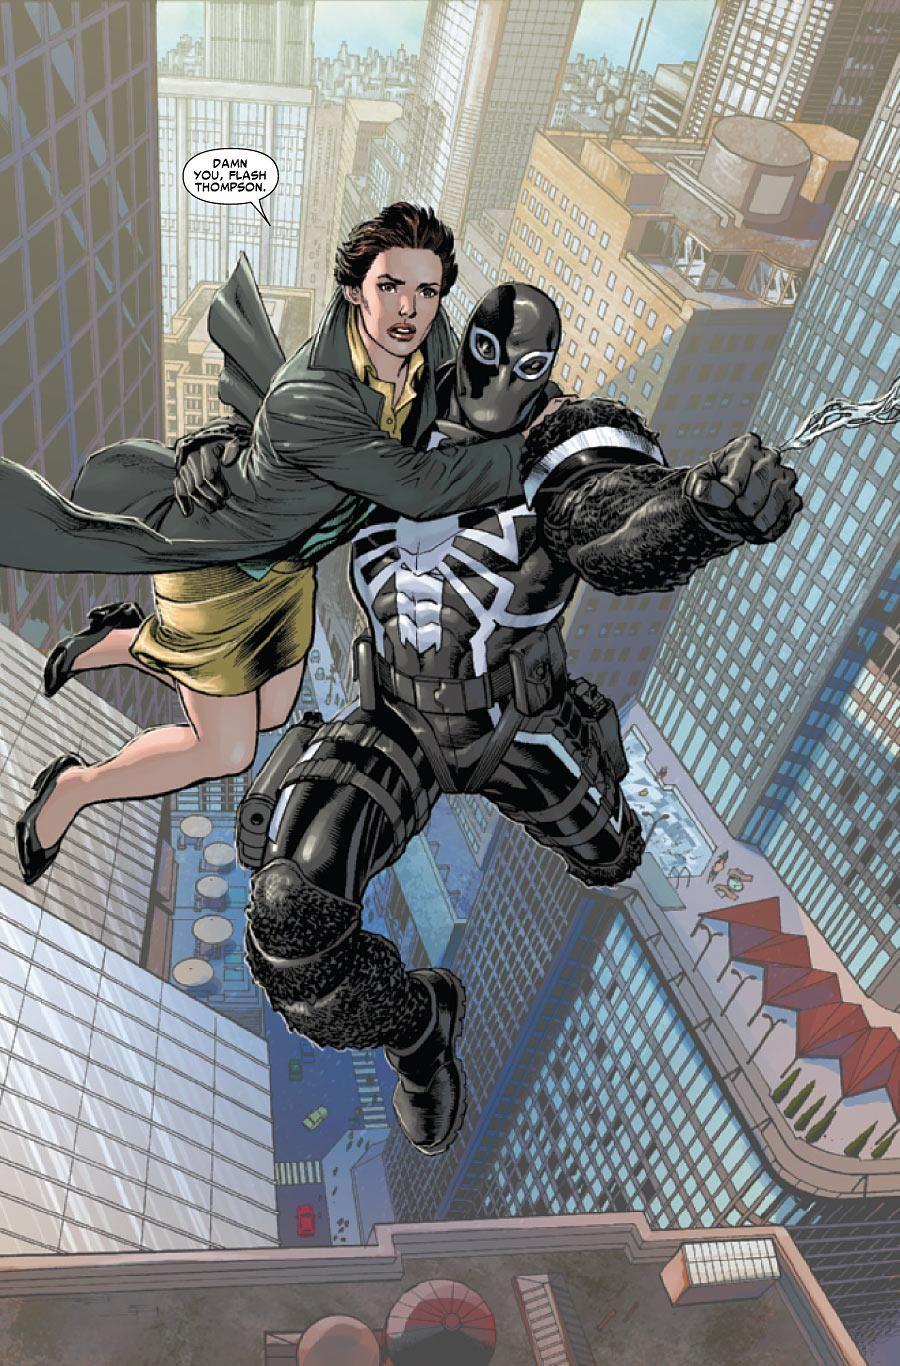 agent venom | flash thompson venom | pinterest | venom, marvel venom